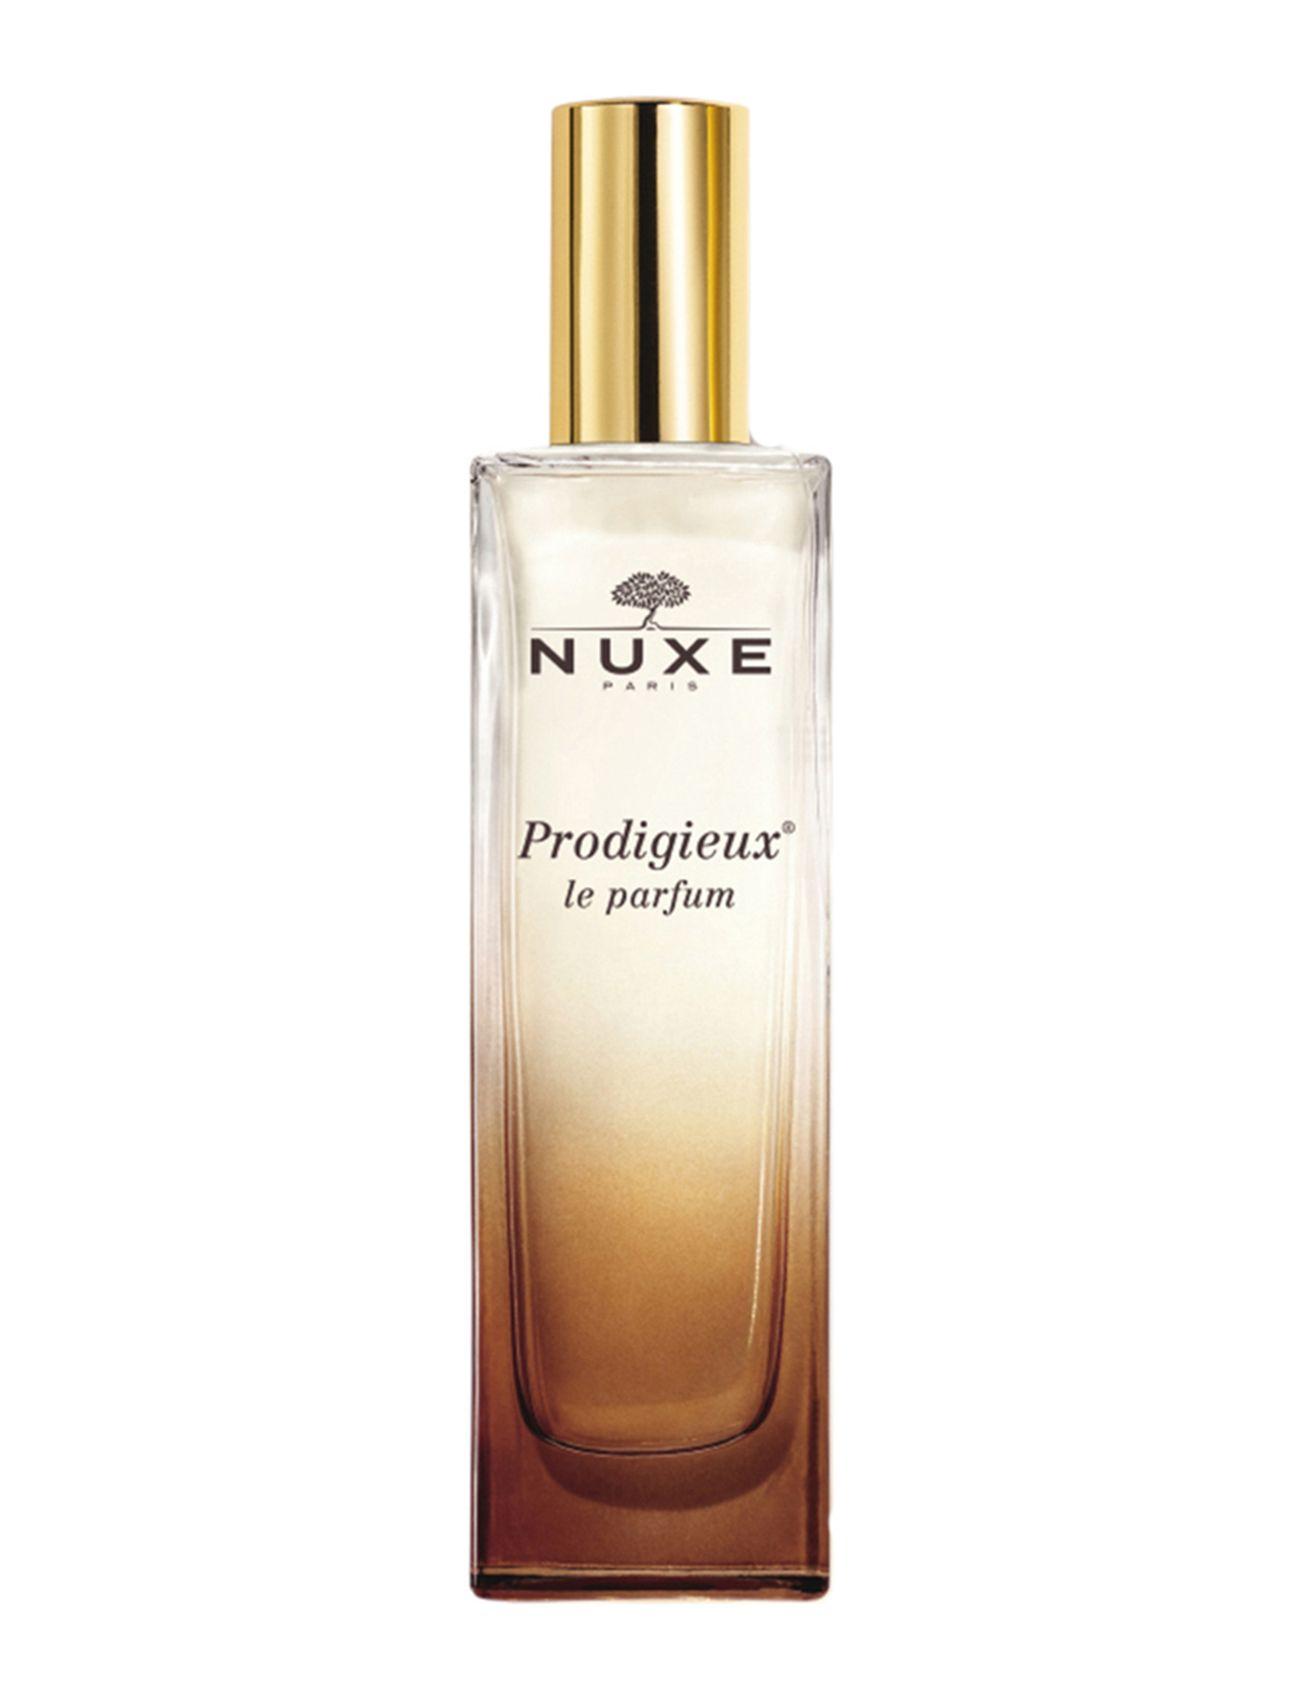 Prodigieux le parfum fra nuxe på boozt.com dk